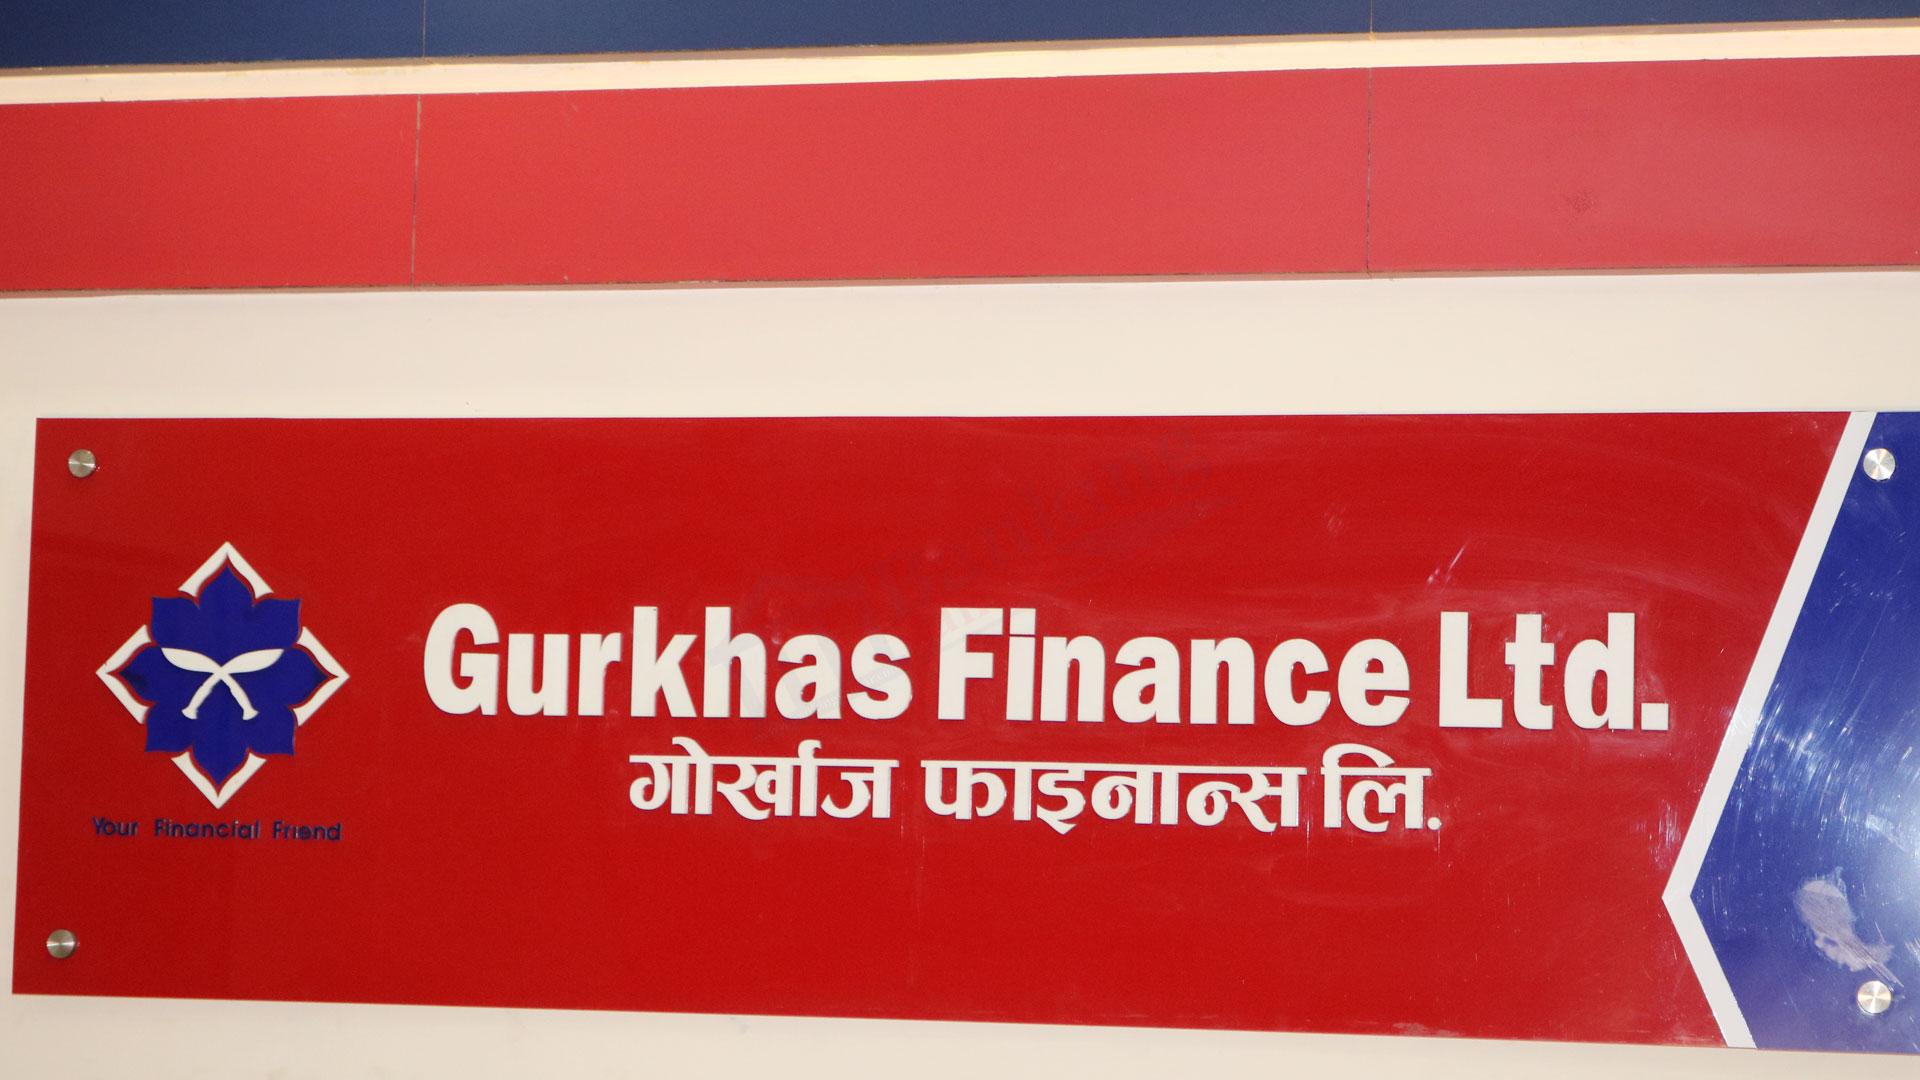 Gurkhas Finance